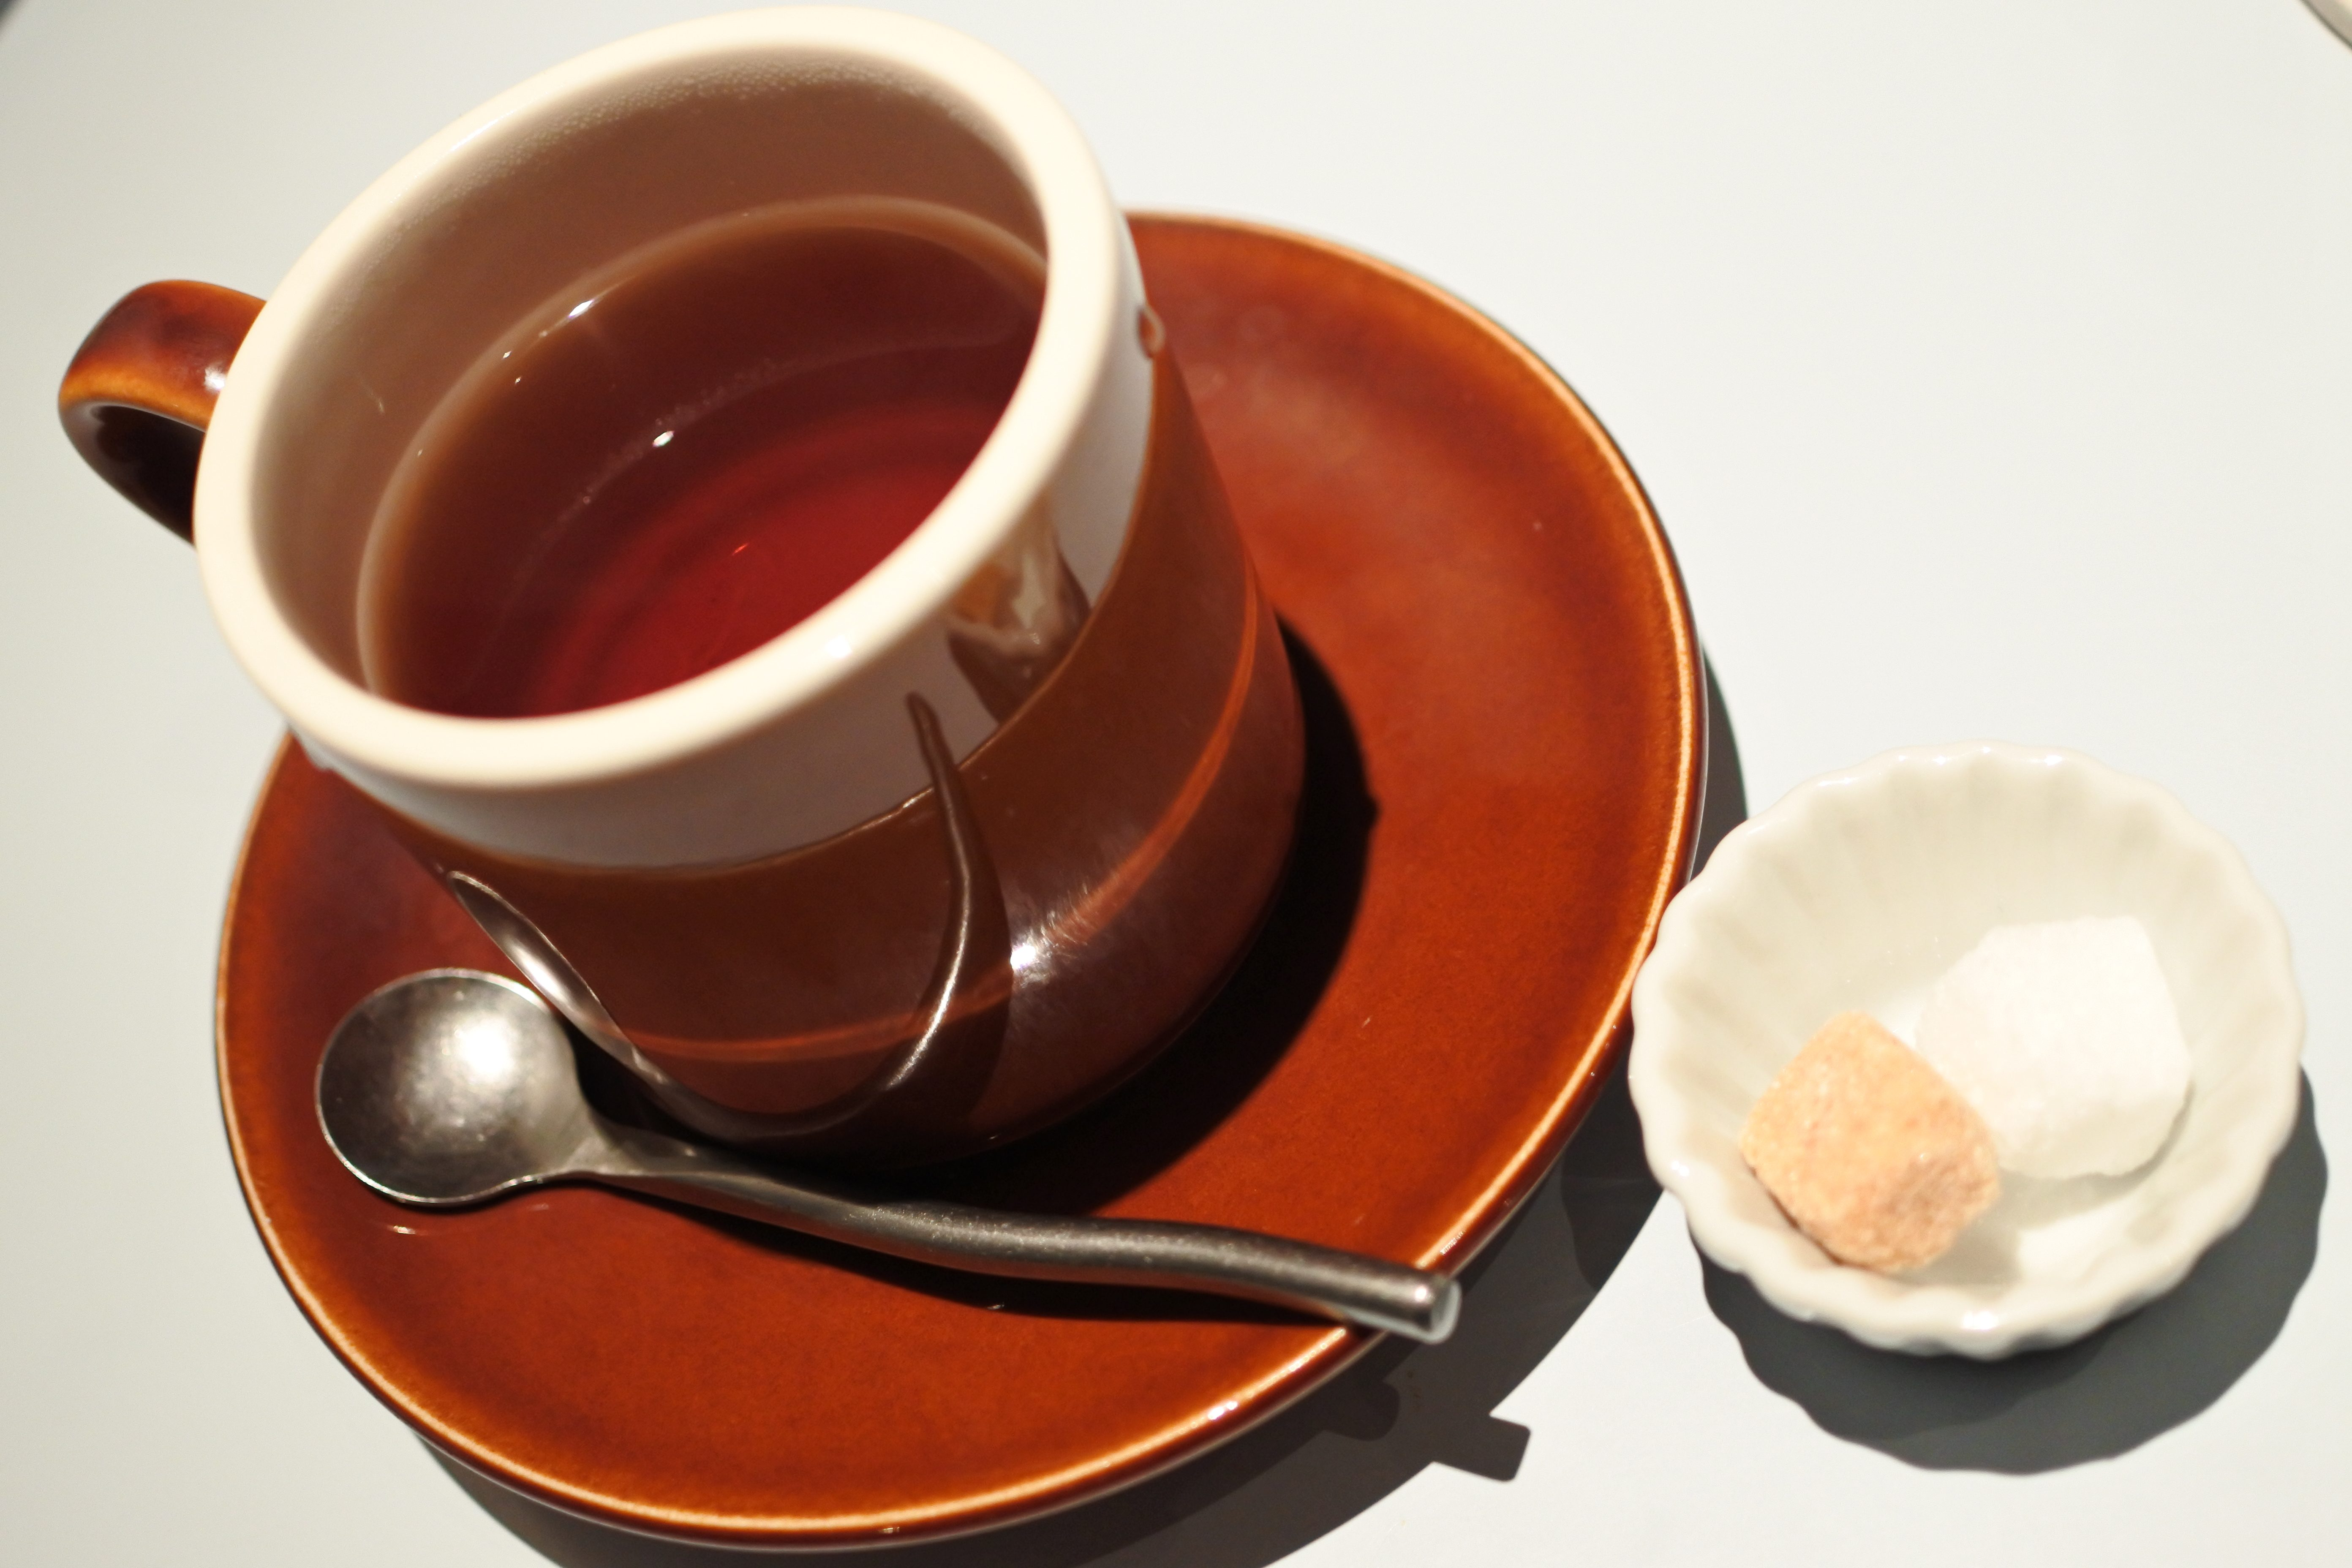 ボタニカルなカフェで心地の良いひと時を。岡崎で大人気の『ブルーブルーカフェ』 - DSC 0927 e1511608152651